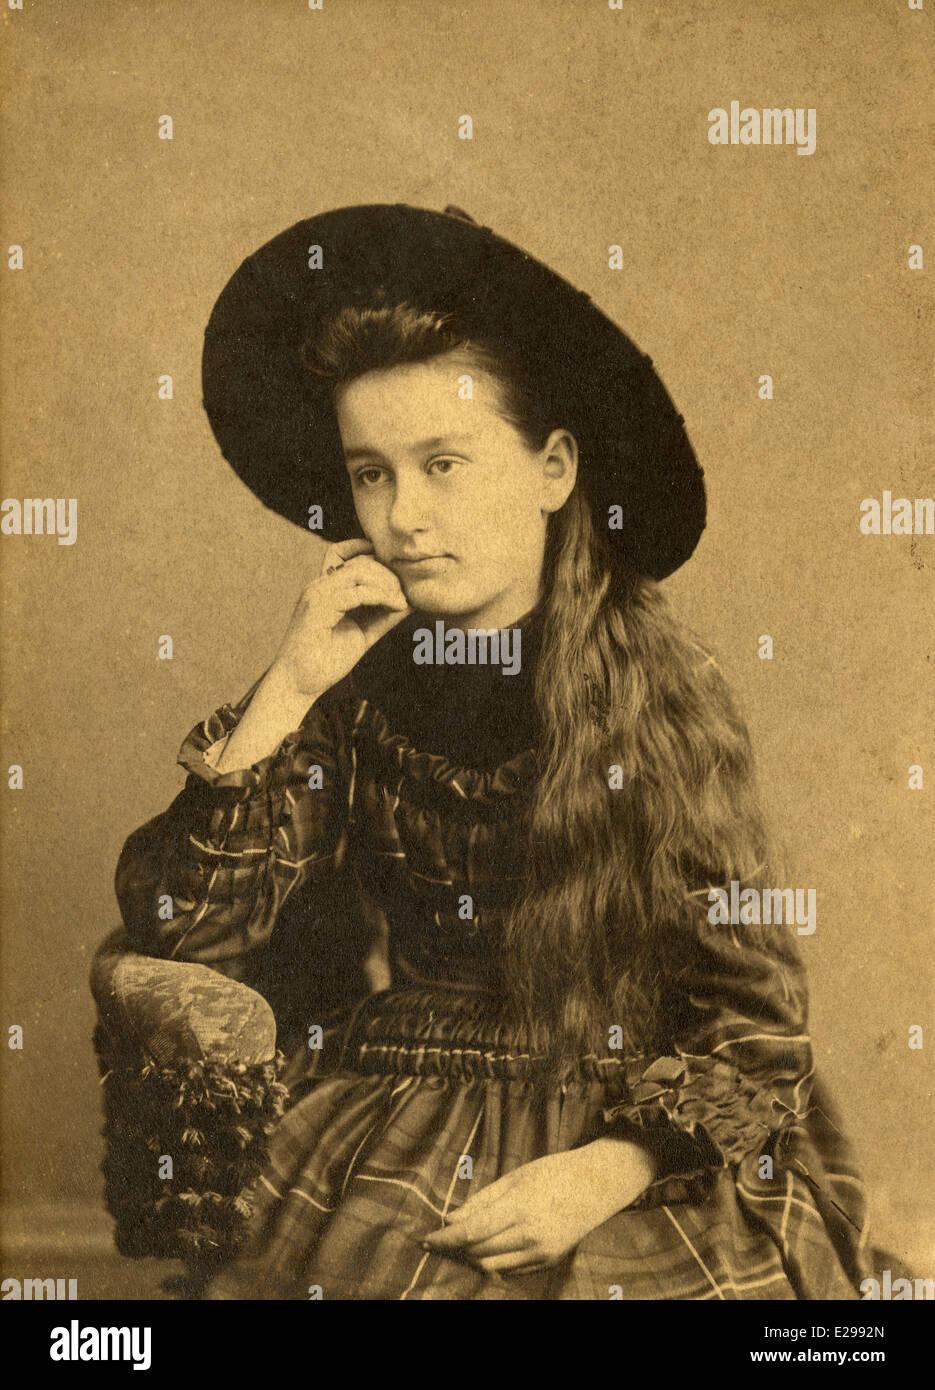 Circa 1880s antique photograph 1ca4c6c8766